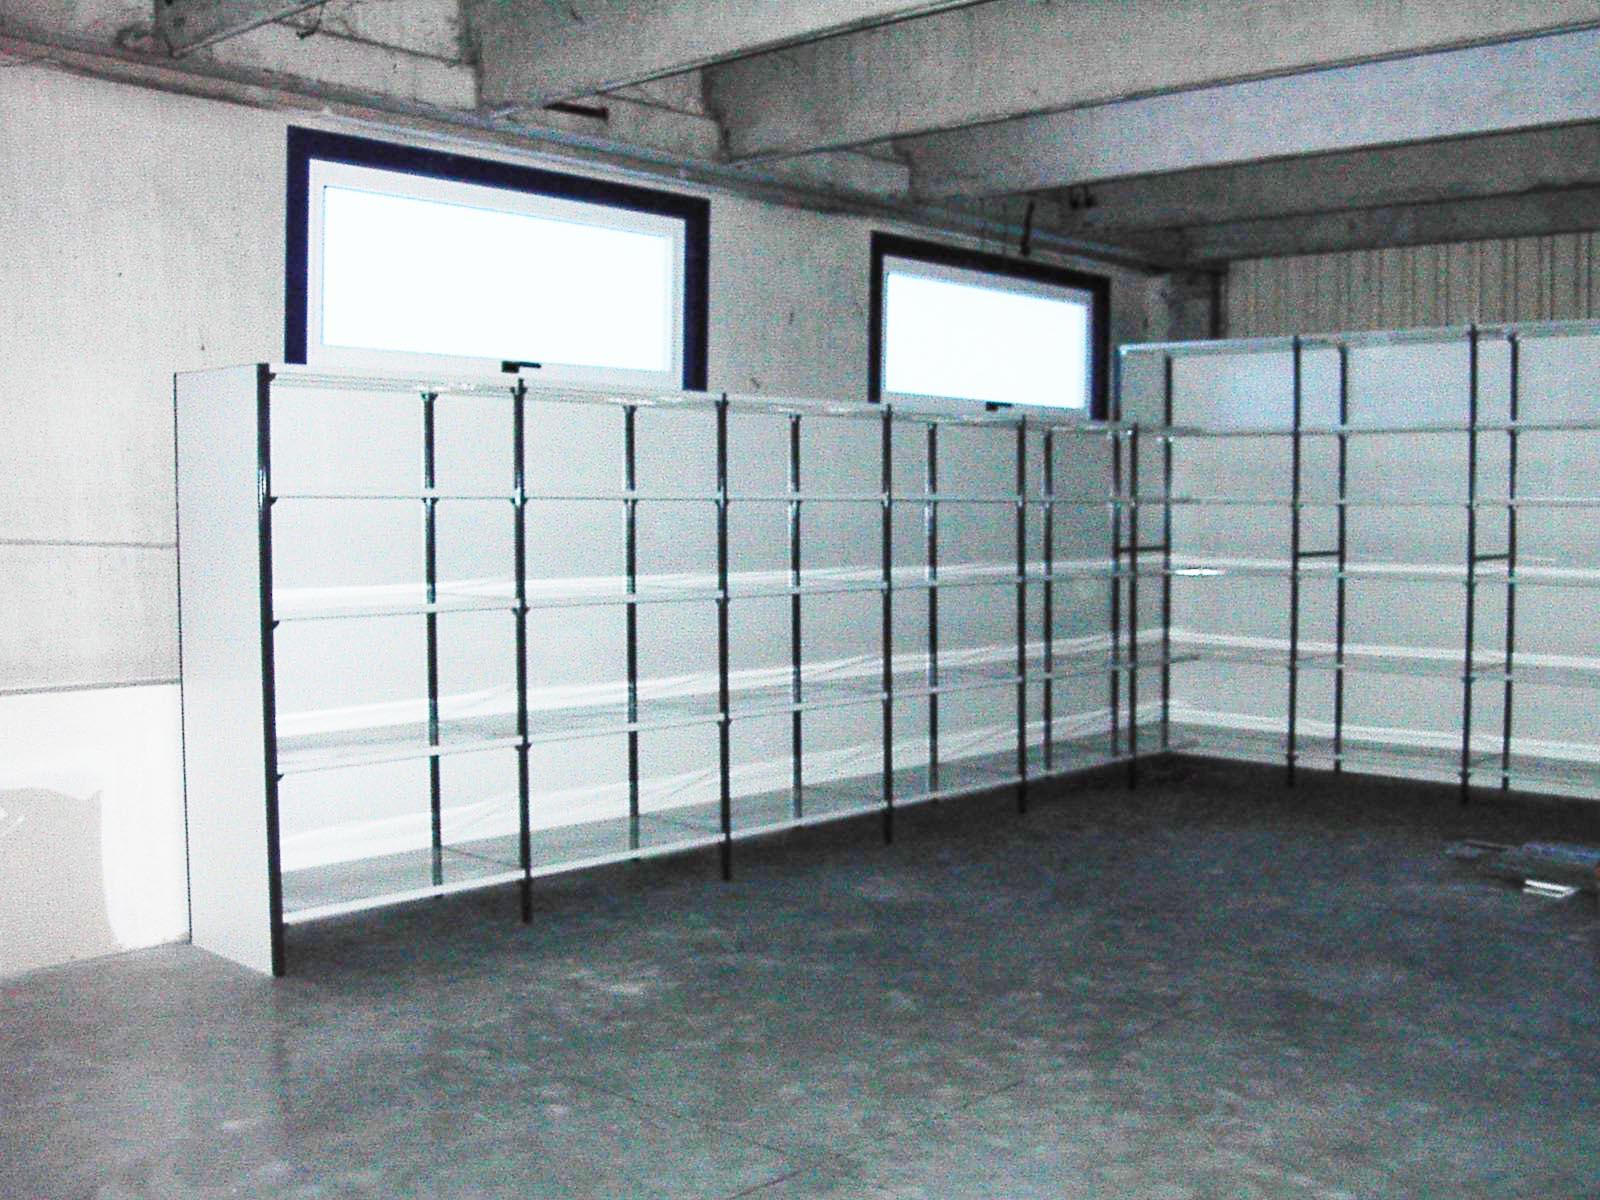 Produttore scaffali modulari componibili per garage e box for Piani di garage con lo spazio del negozio